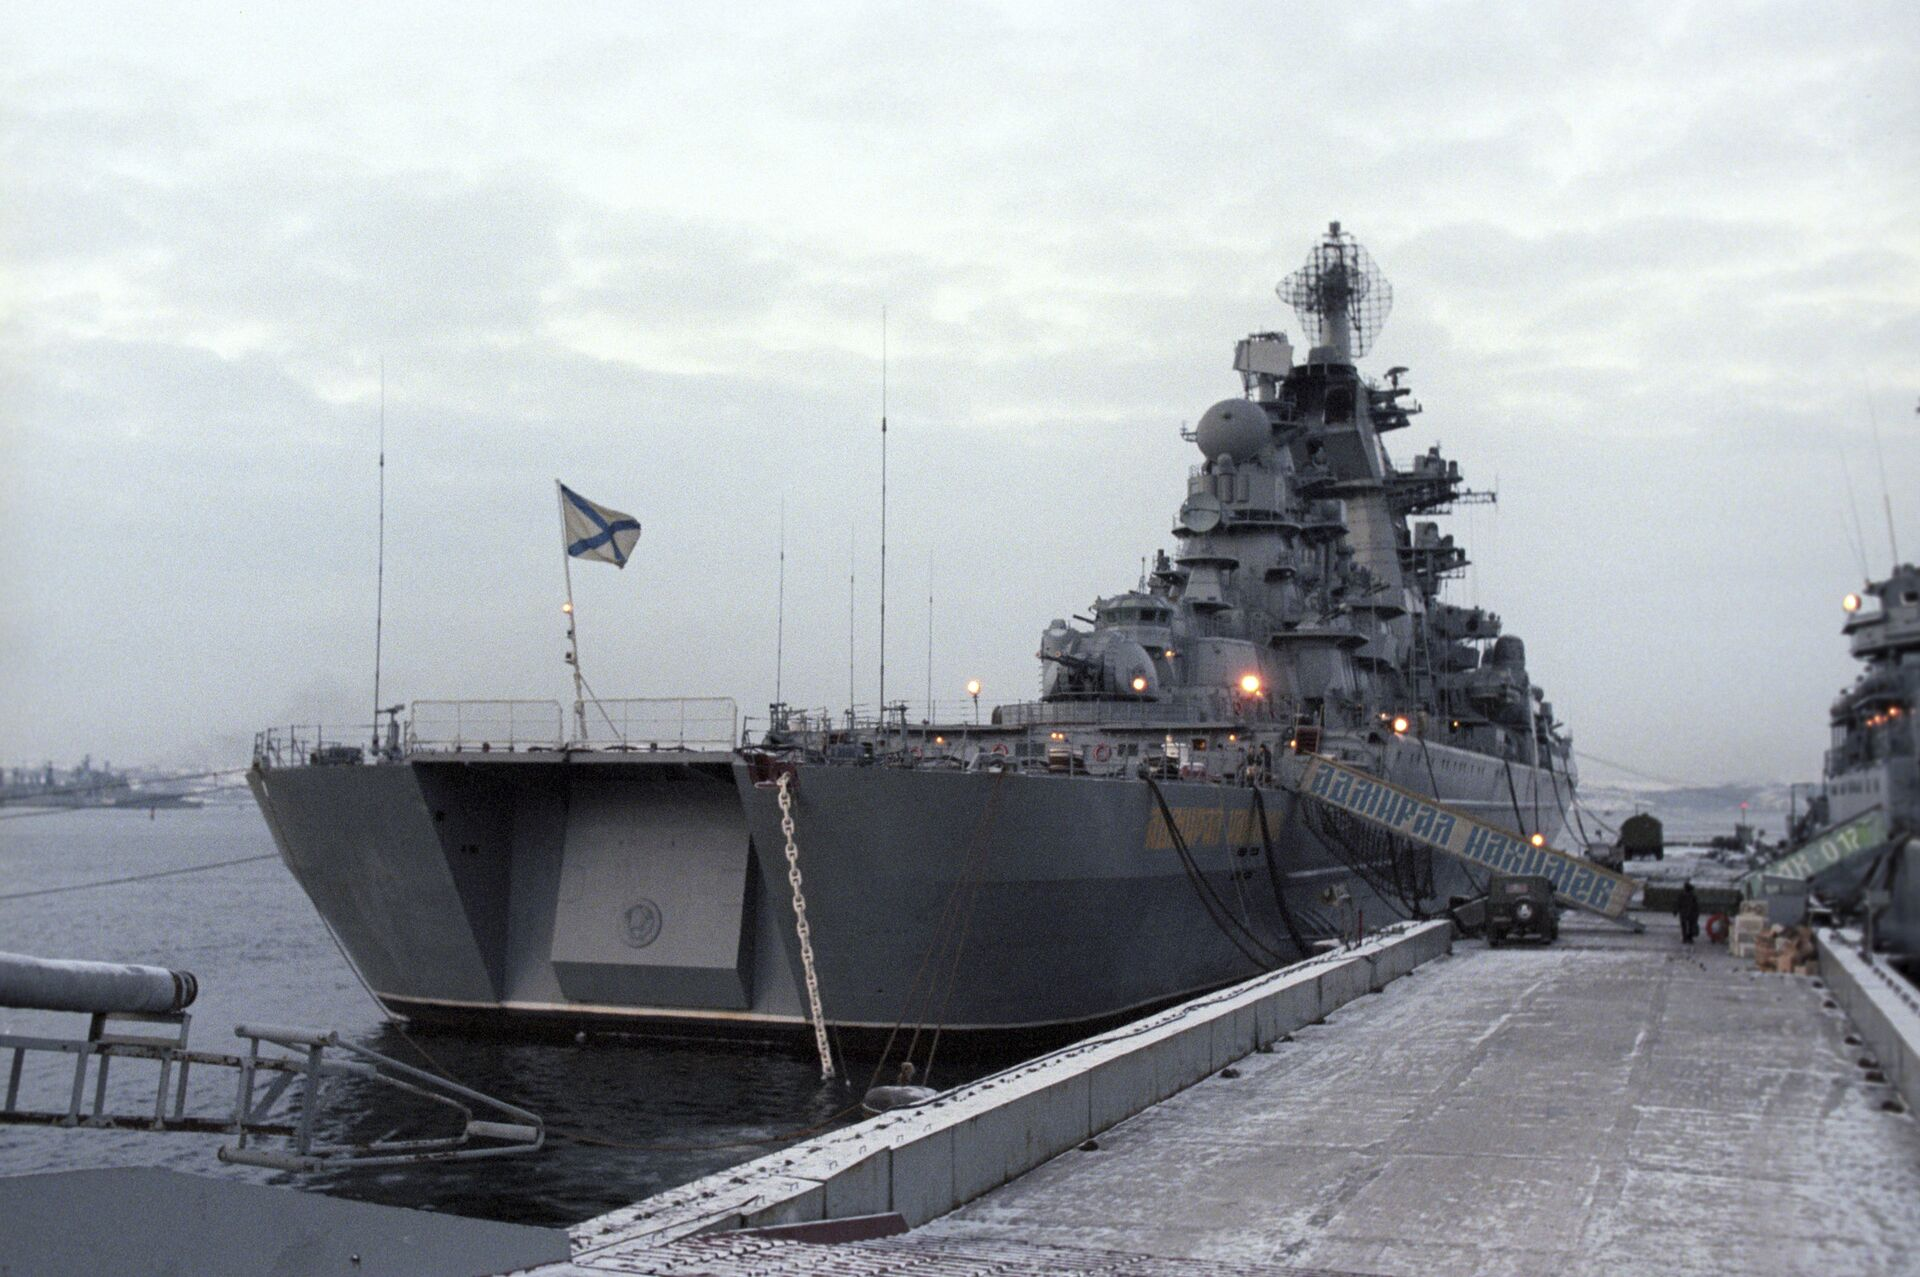 Ракетный крейсер Адмирал Нахимов - РИА Новости, 1920, 14.01.2021